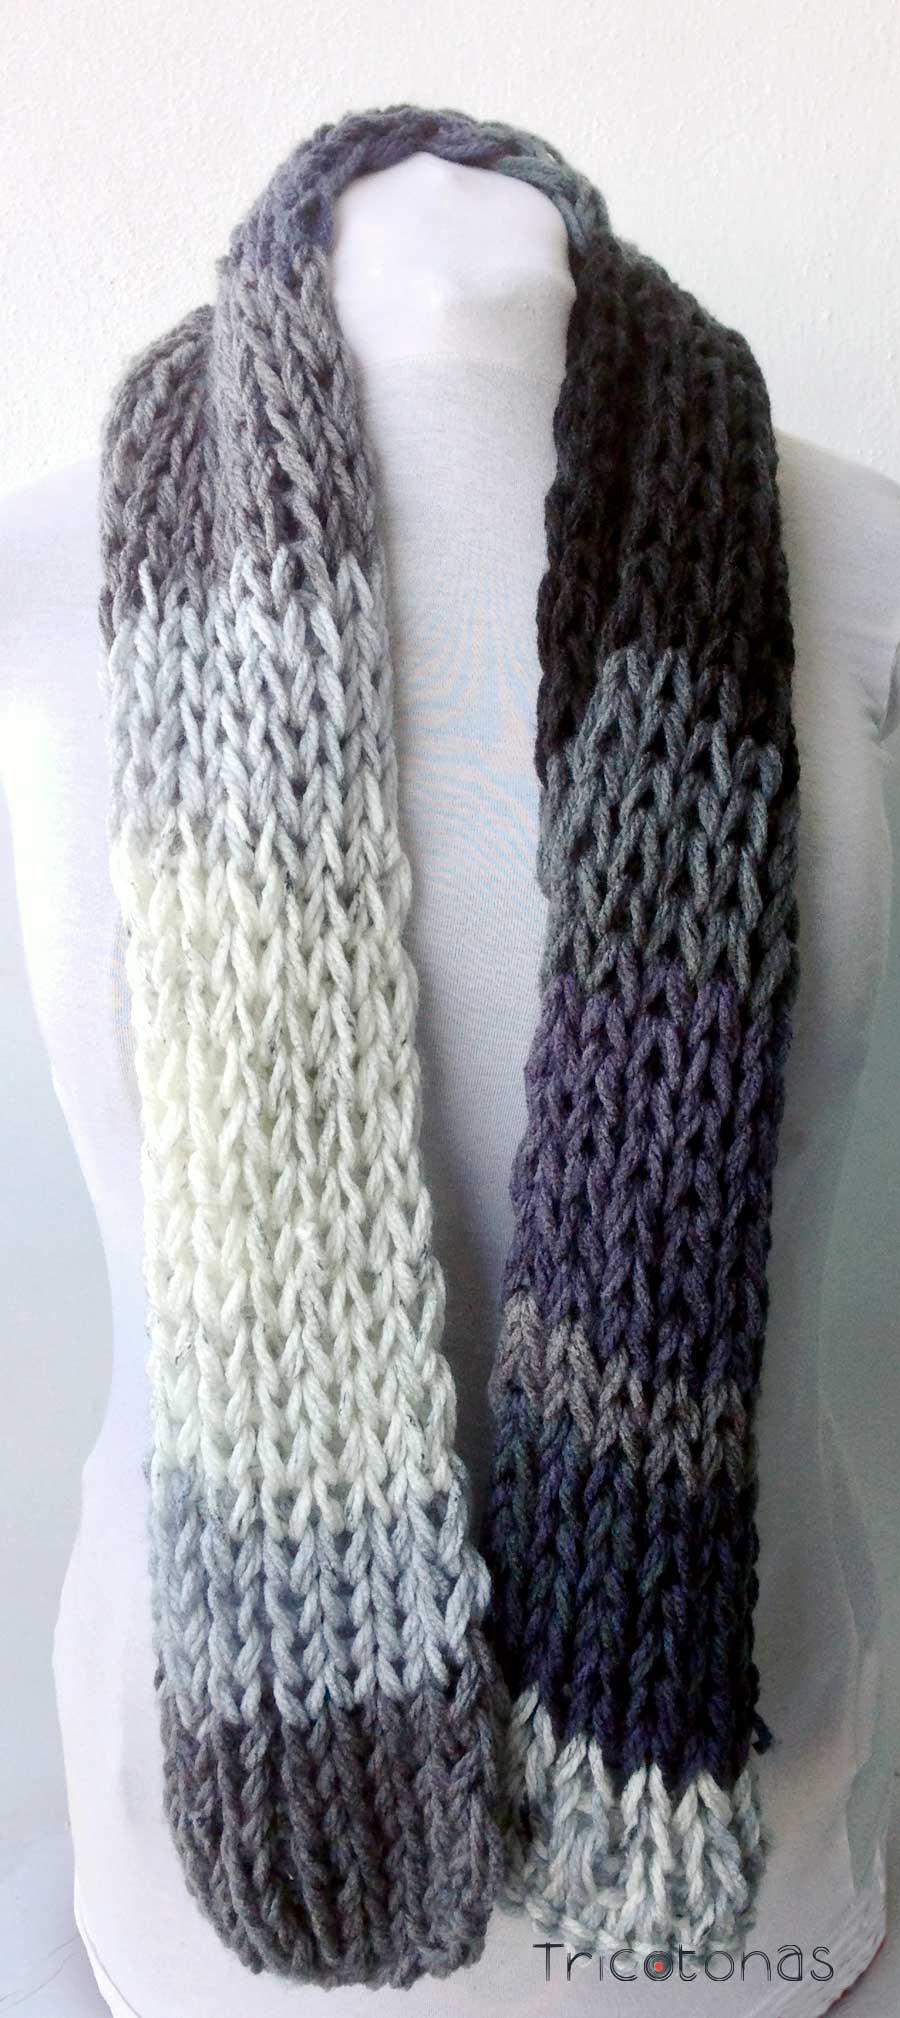 una bufanda larga de colores grises negros y azules